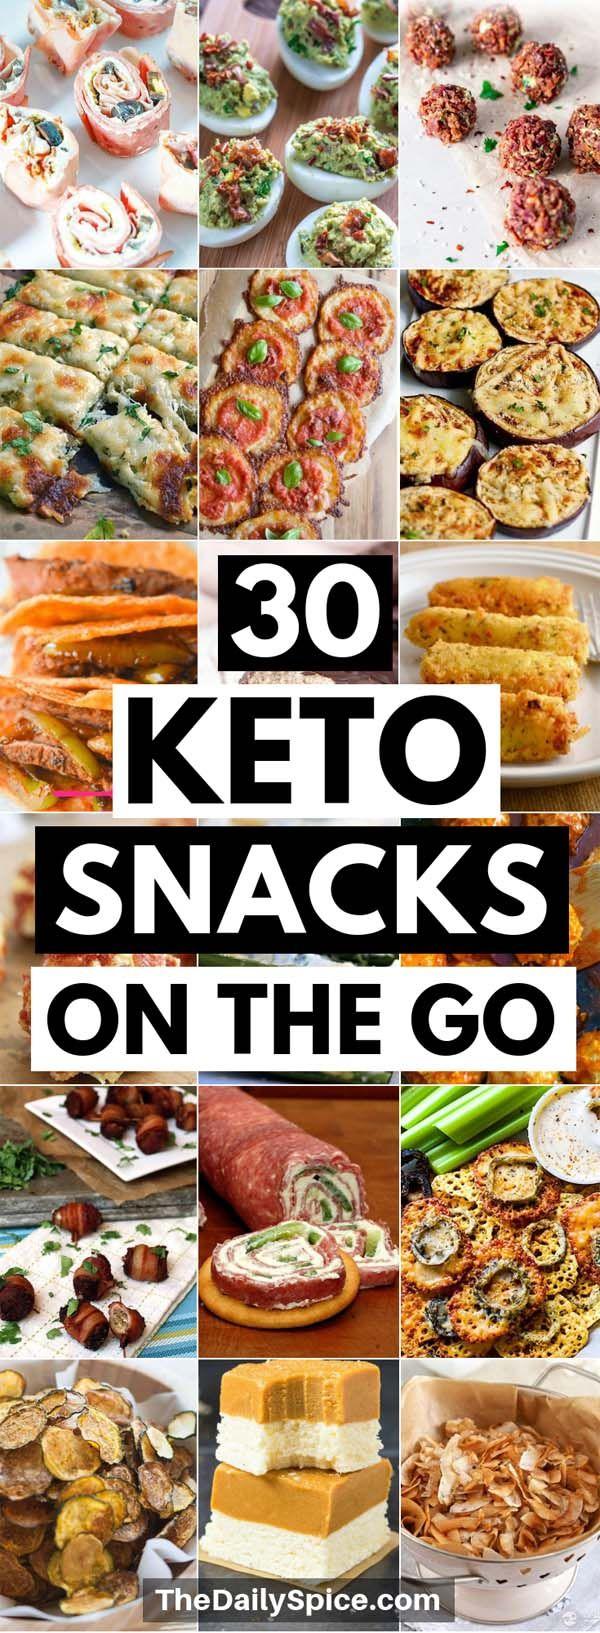 Schnelle und einfache Ketosnacks für unterwegs zur Gewichtsreduktion bei ketogenen D …